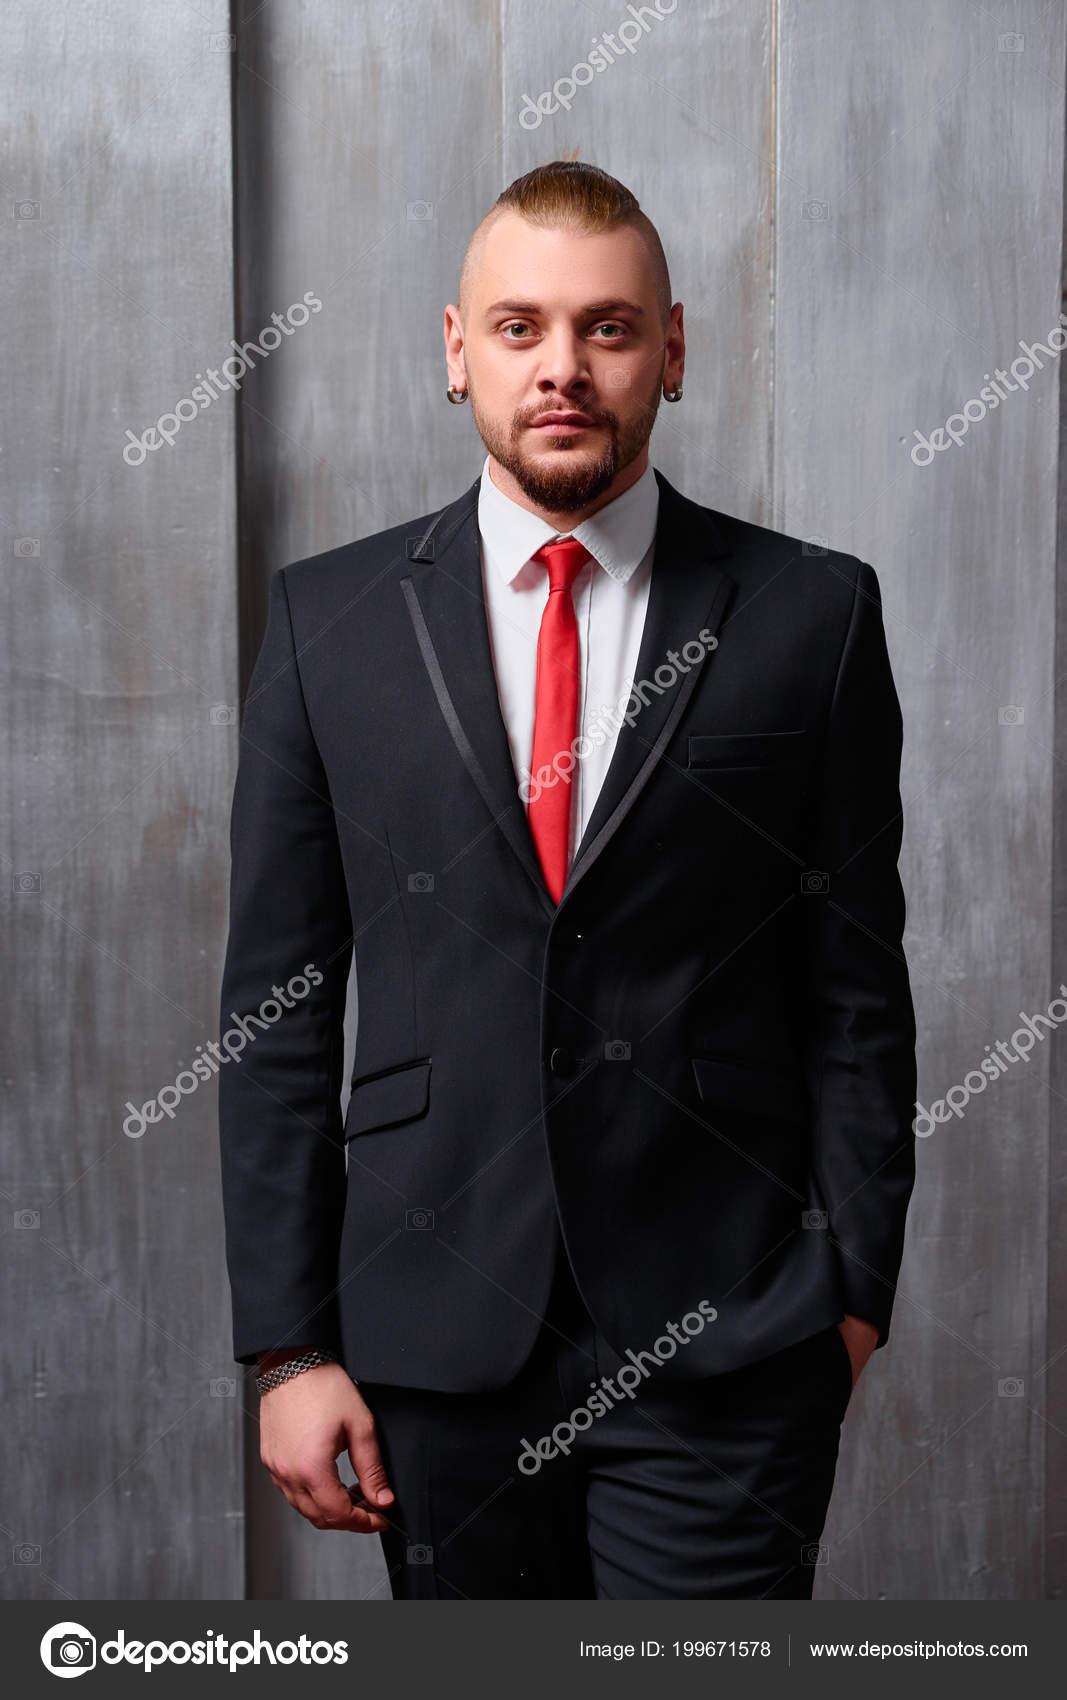 Vente emballage fort france pas cher vente Portrait Jeune Homme Porter Smoking Une Cravate Rouge ...